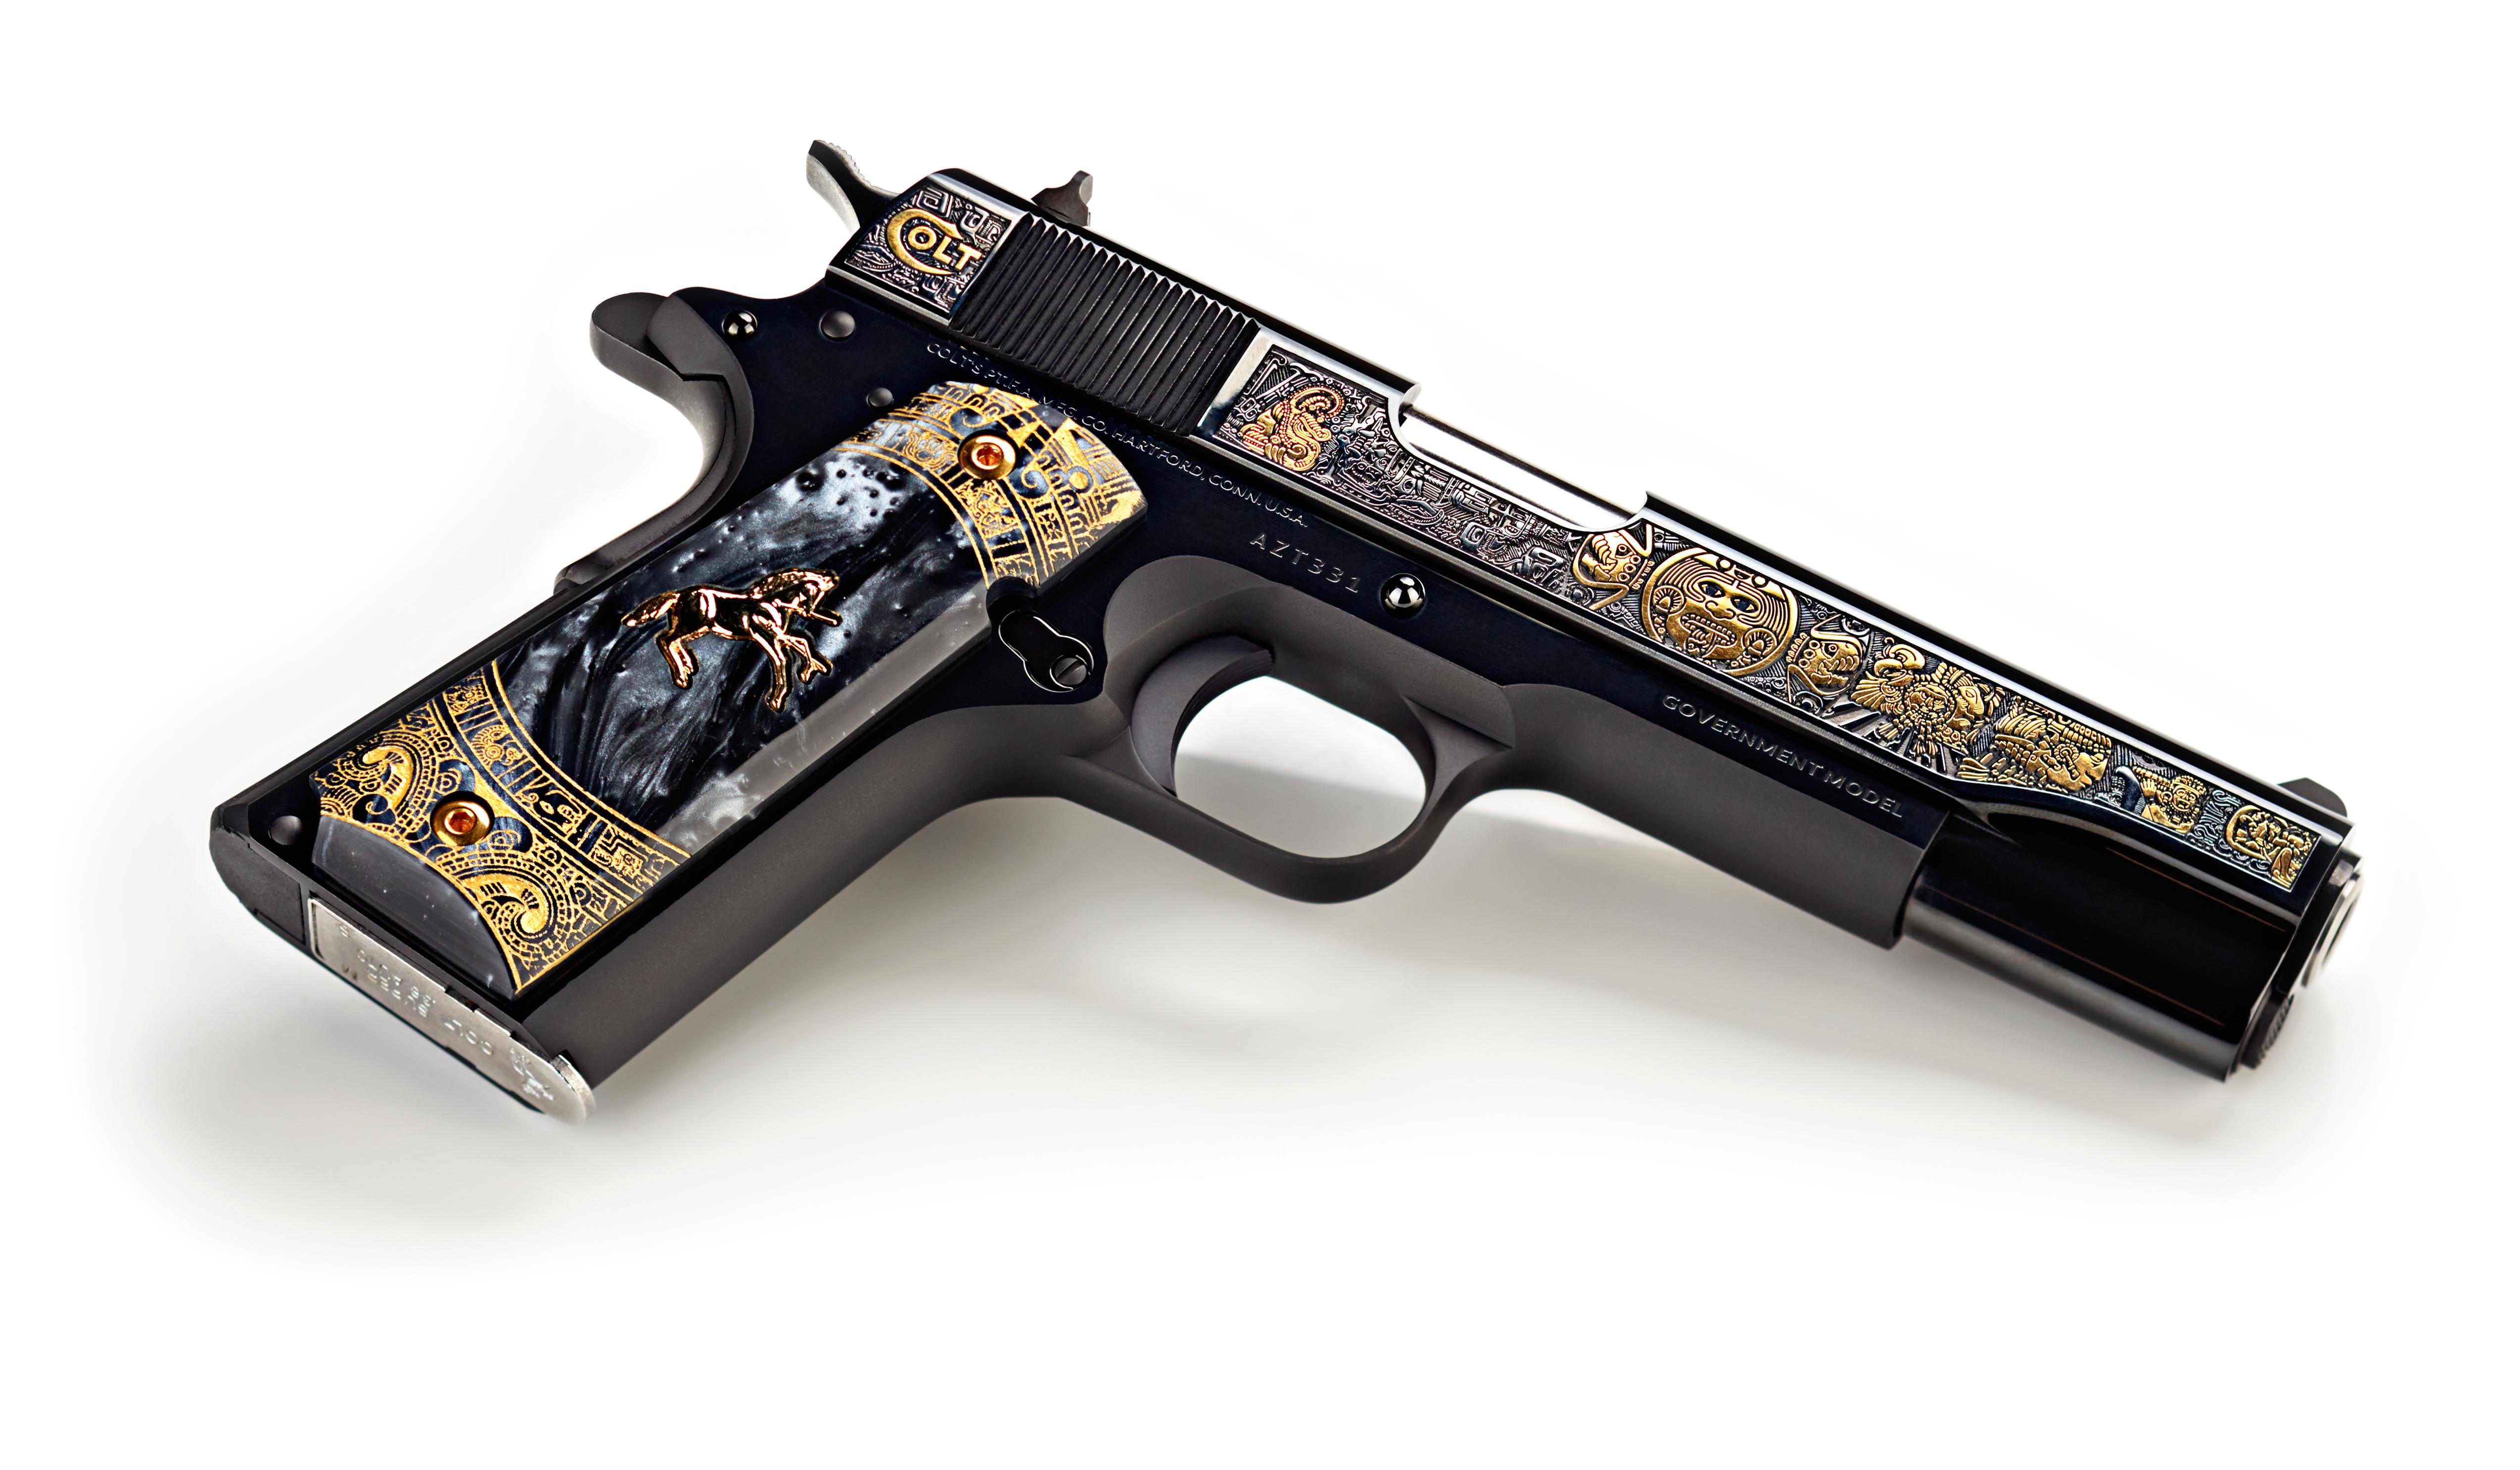 Colt AZTEC EMPIRE 38 SUPER